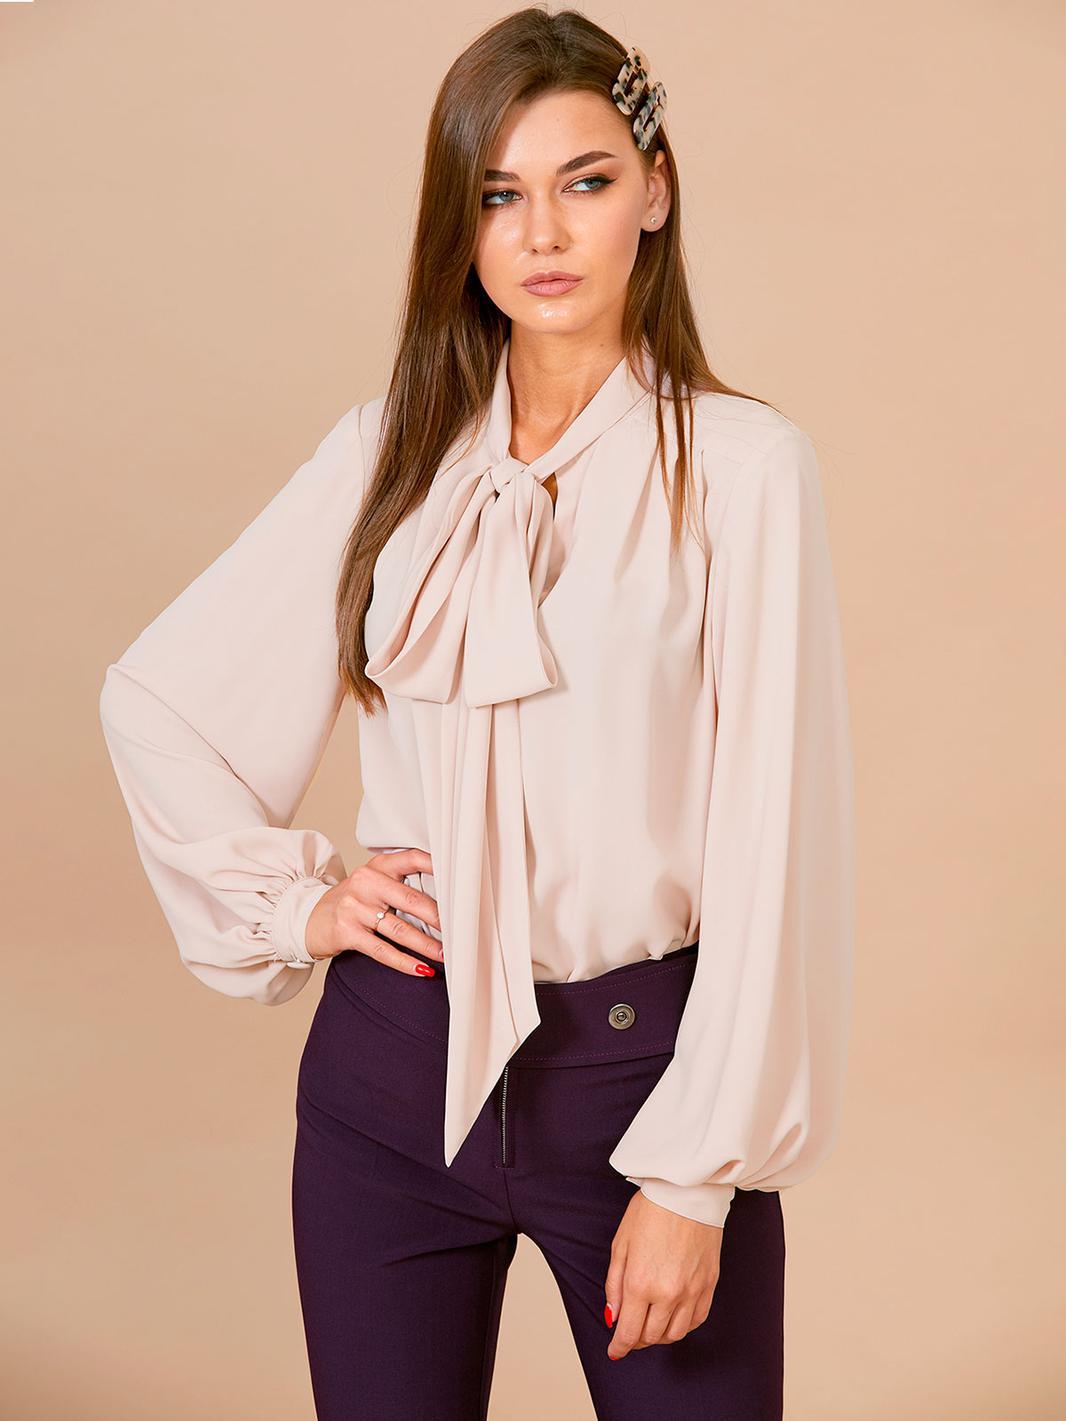 68e062a405329 Купить блузку в интернет-магазине в Минске. Недорогие женские блузки